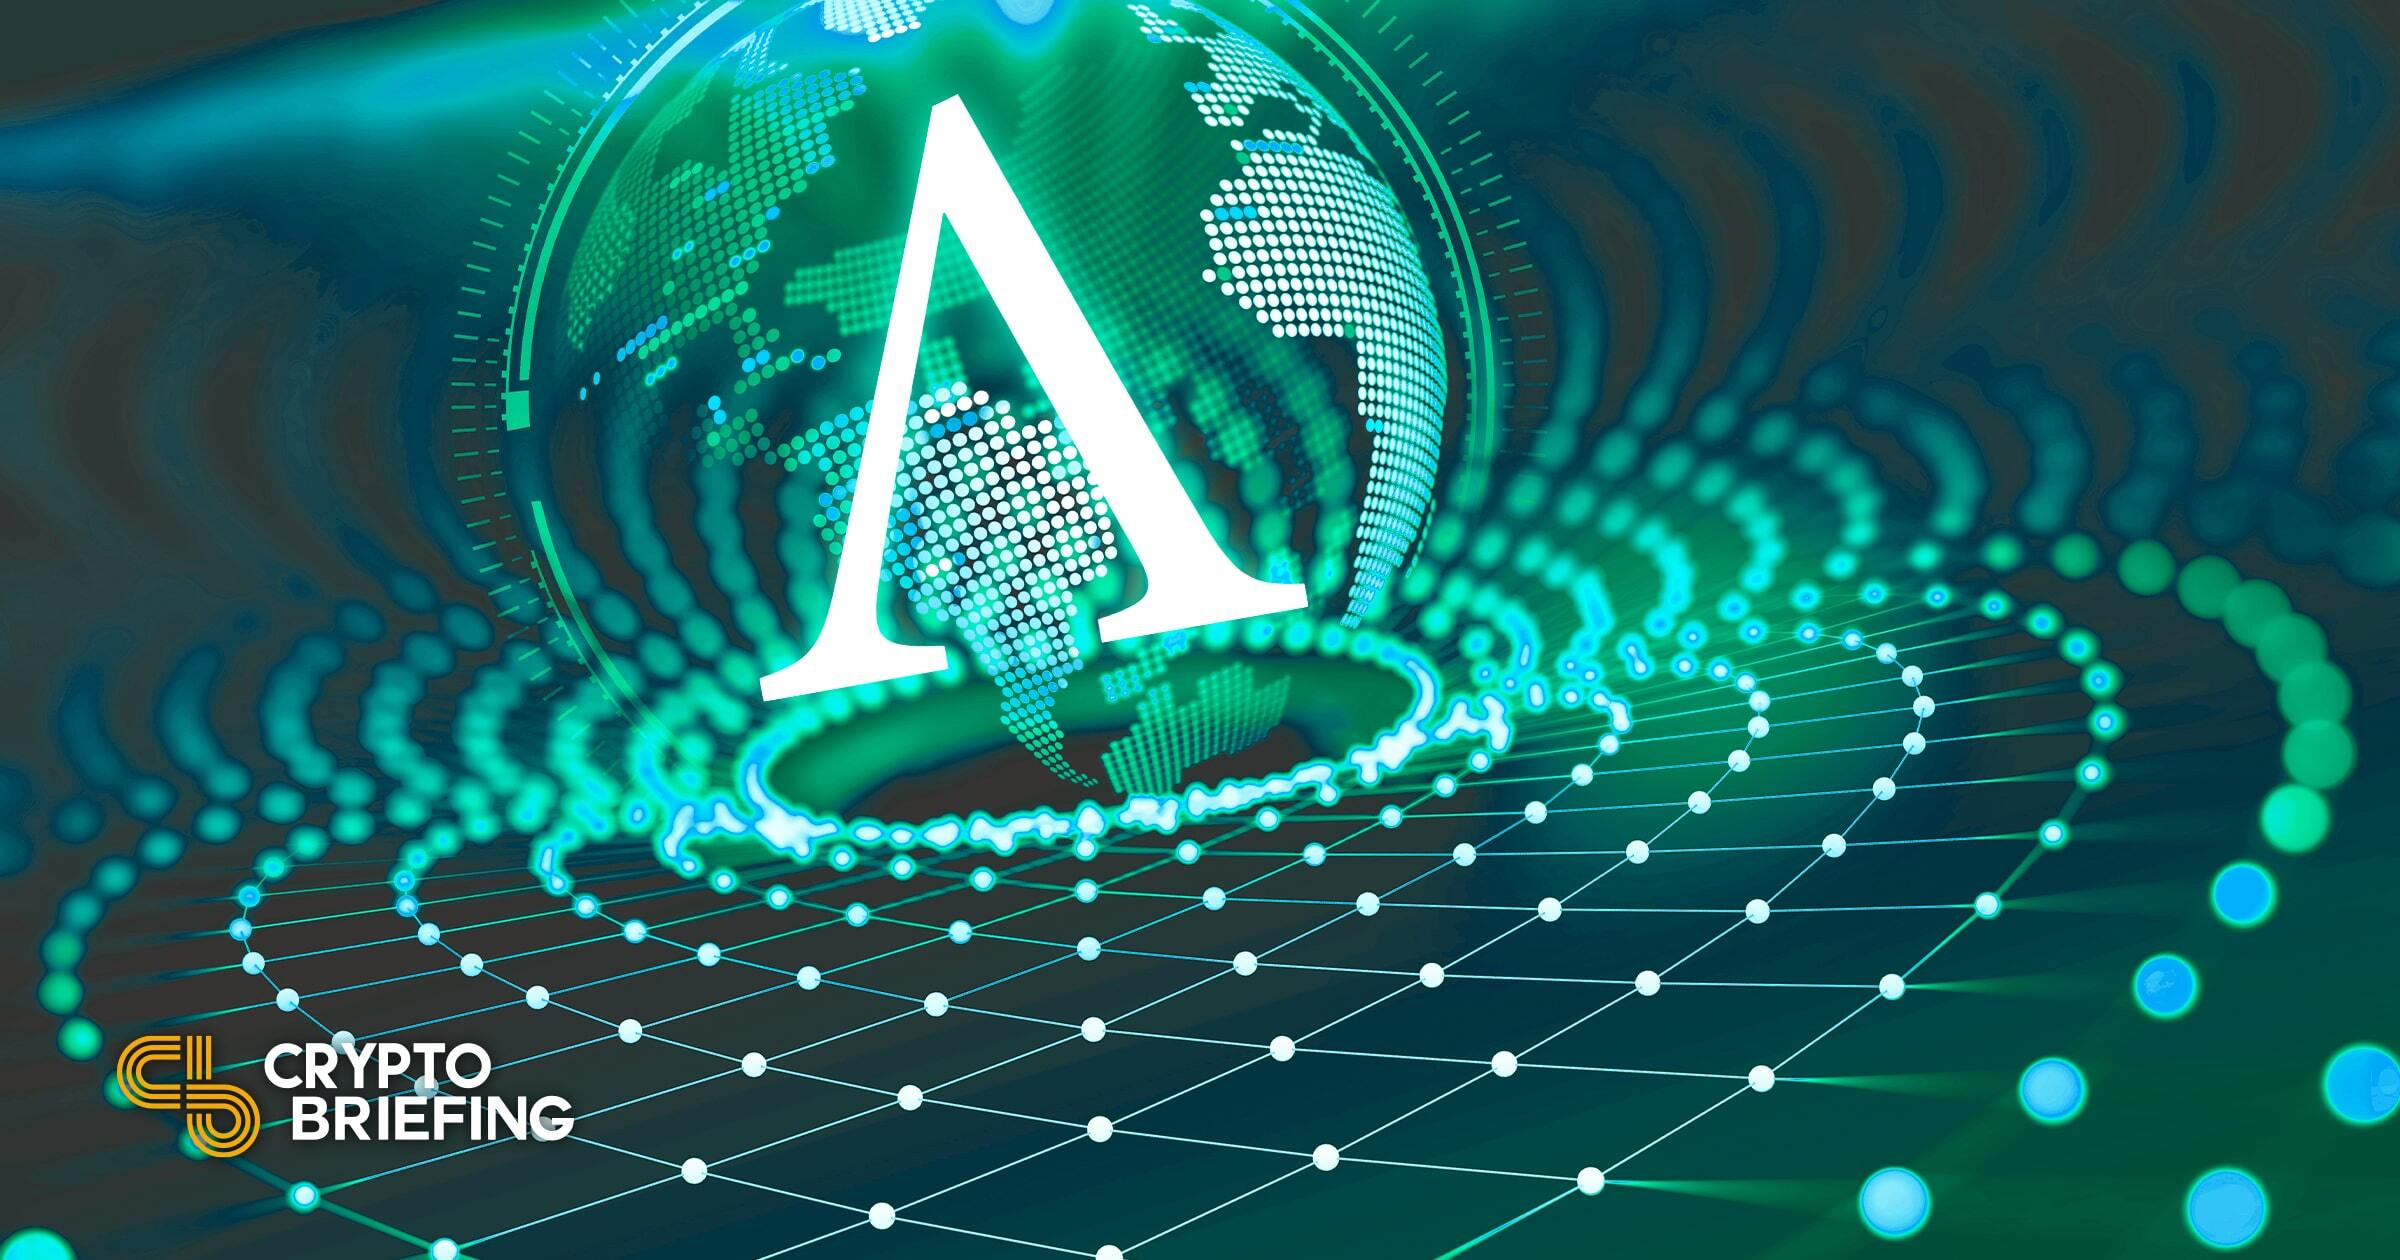 Ampleforth elimina la capacidad de actualización y se descentraliza en la comunidad